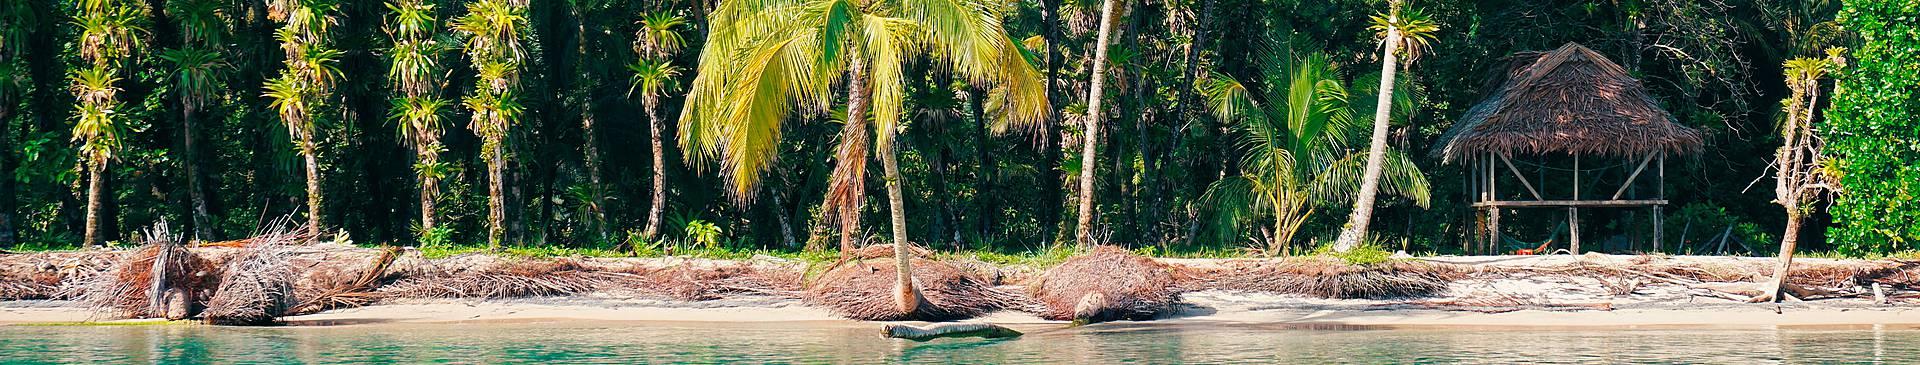 Découverte des îles du Panama